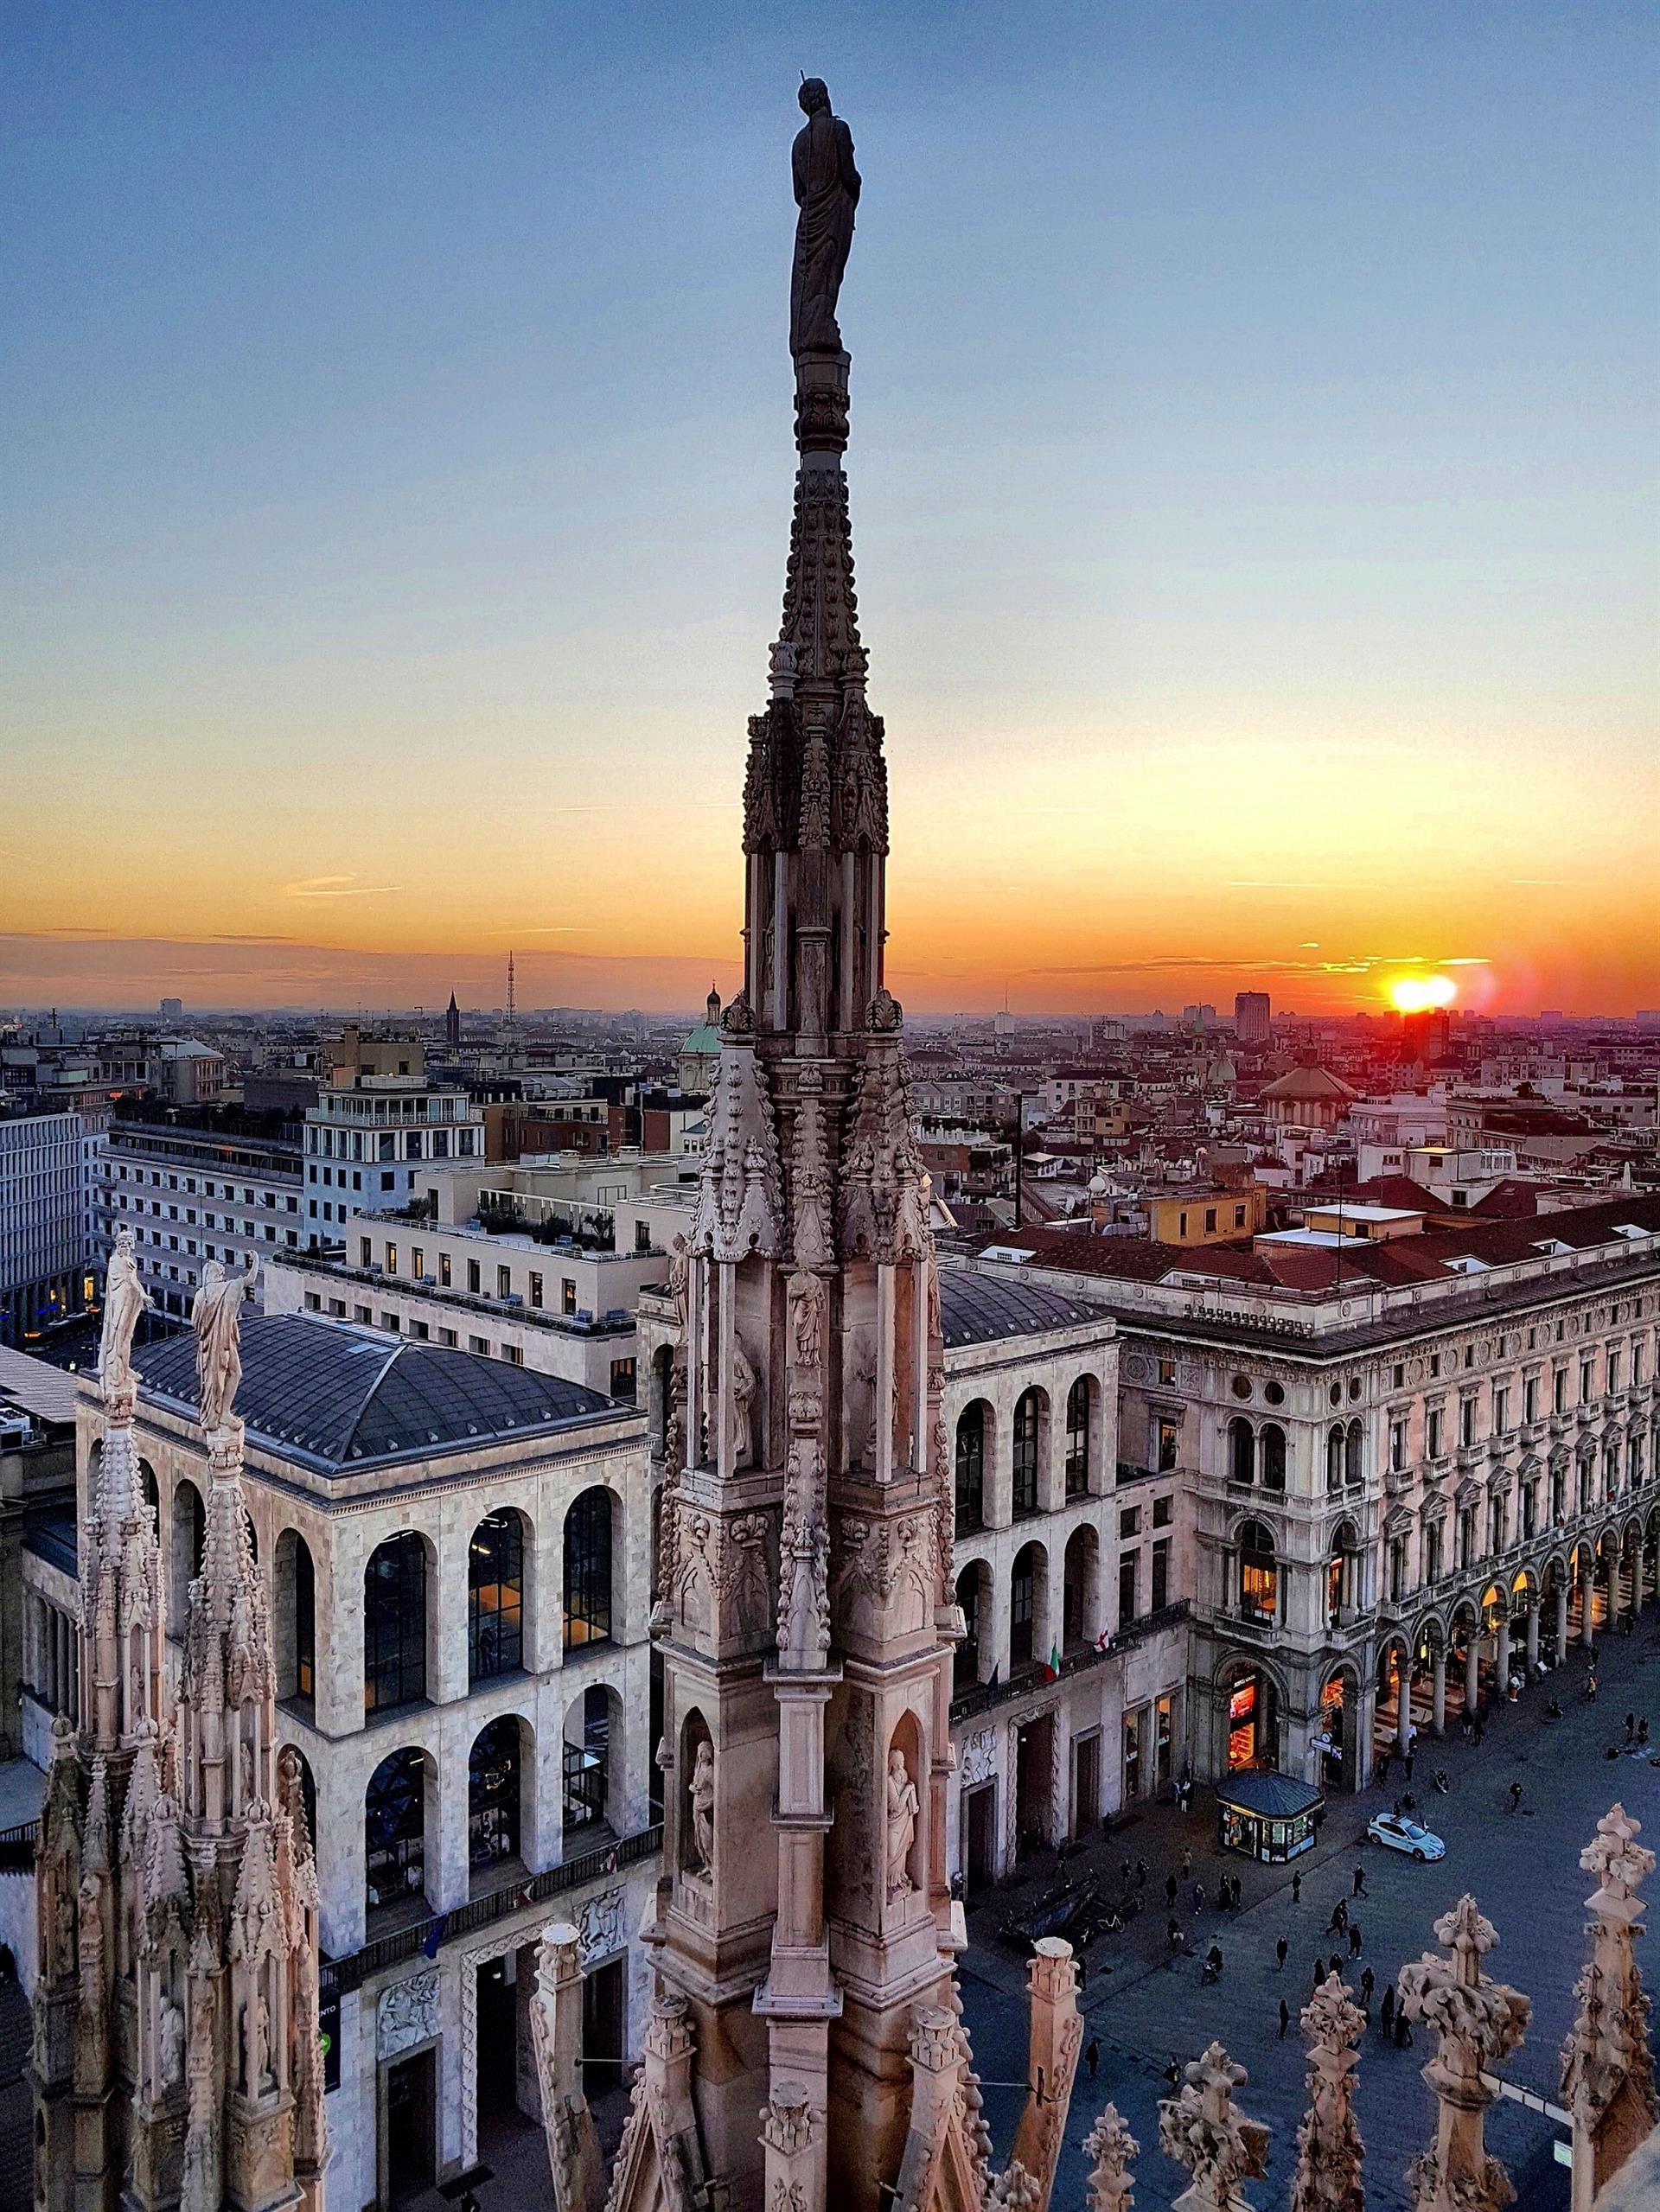 Veneranda Fabbrica Del Duomo Di Milano Tramonto Tra Le Guglie